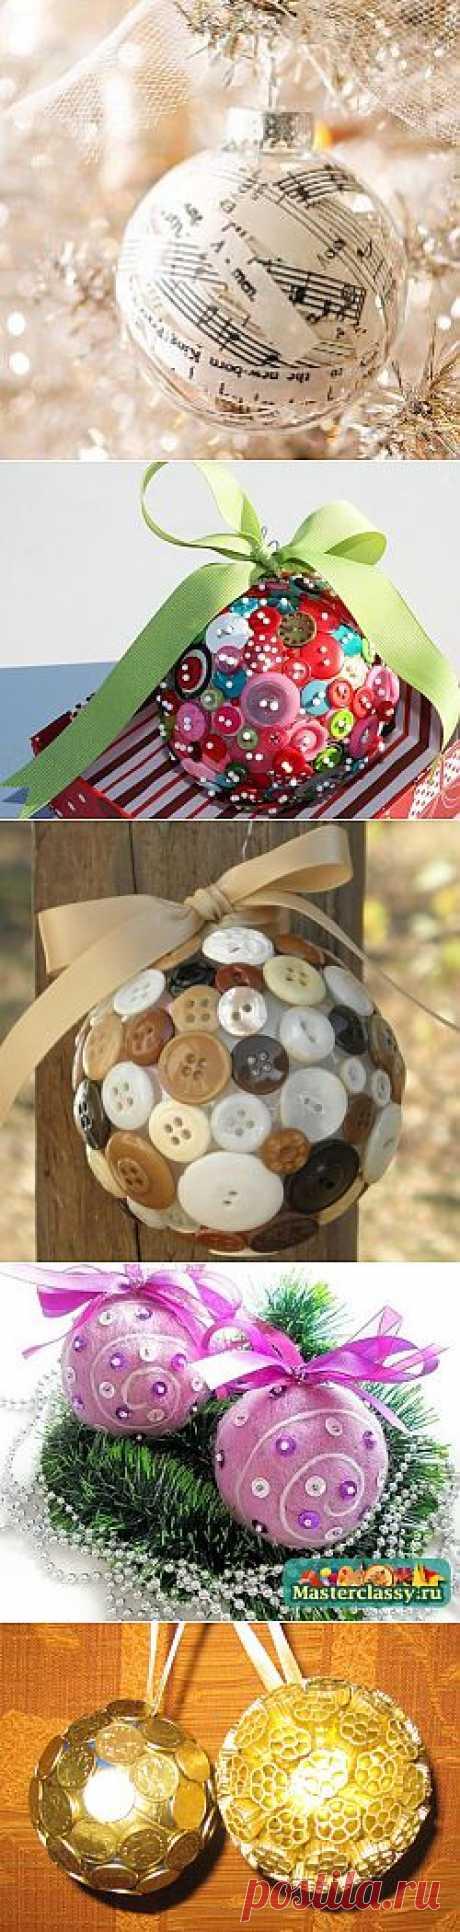 Четыре простых способа сделать новогодние шары.